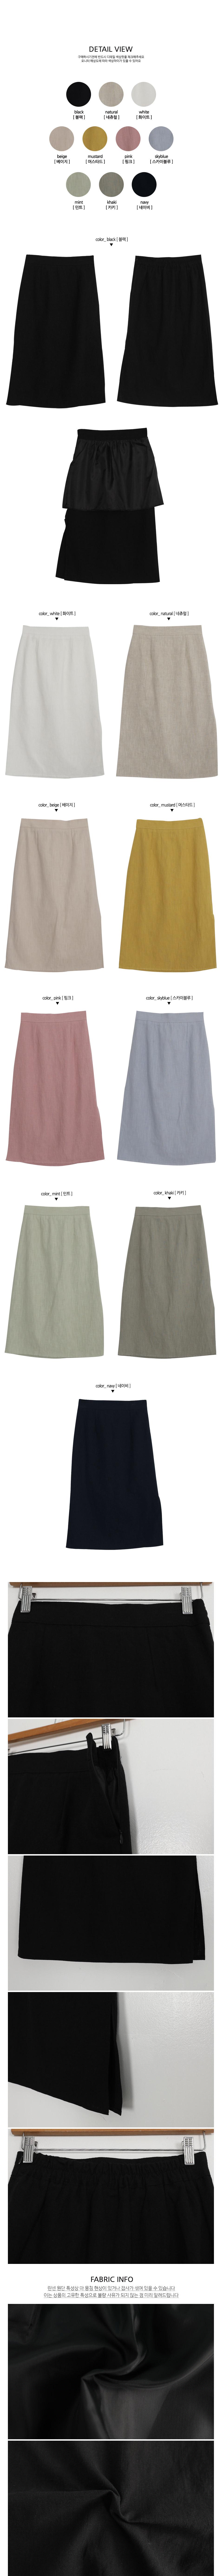 Linen Im Linen H Long Skirt